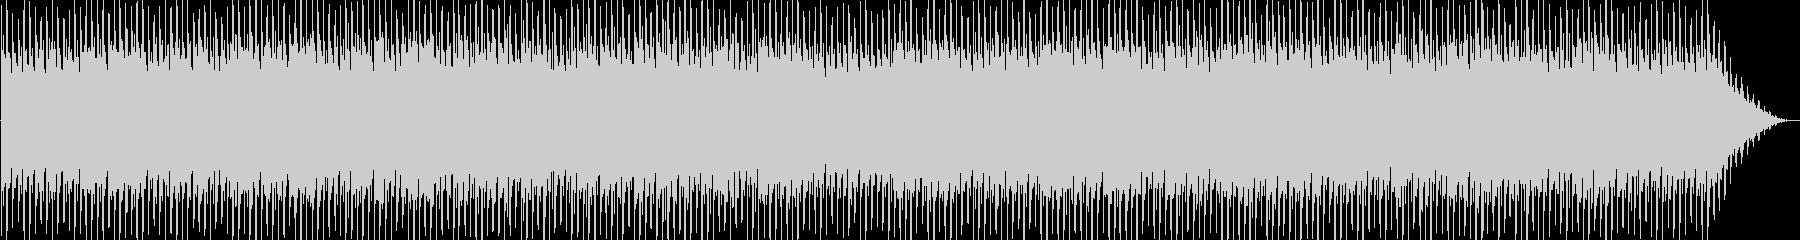 明るい躍動感あるテクノ音の未再生の波形